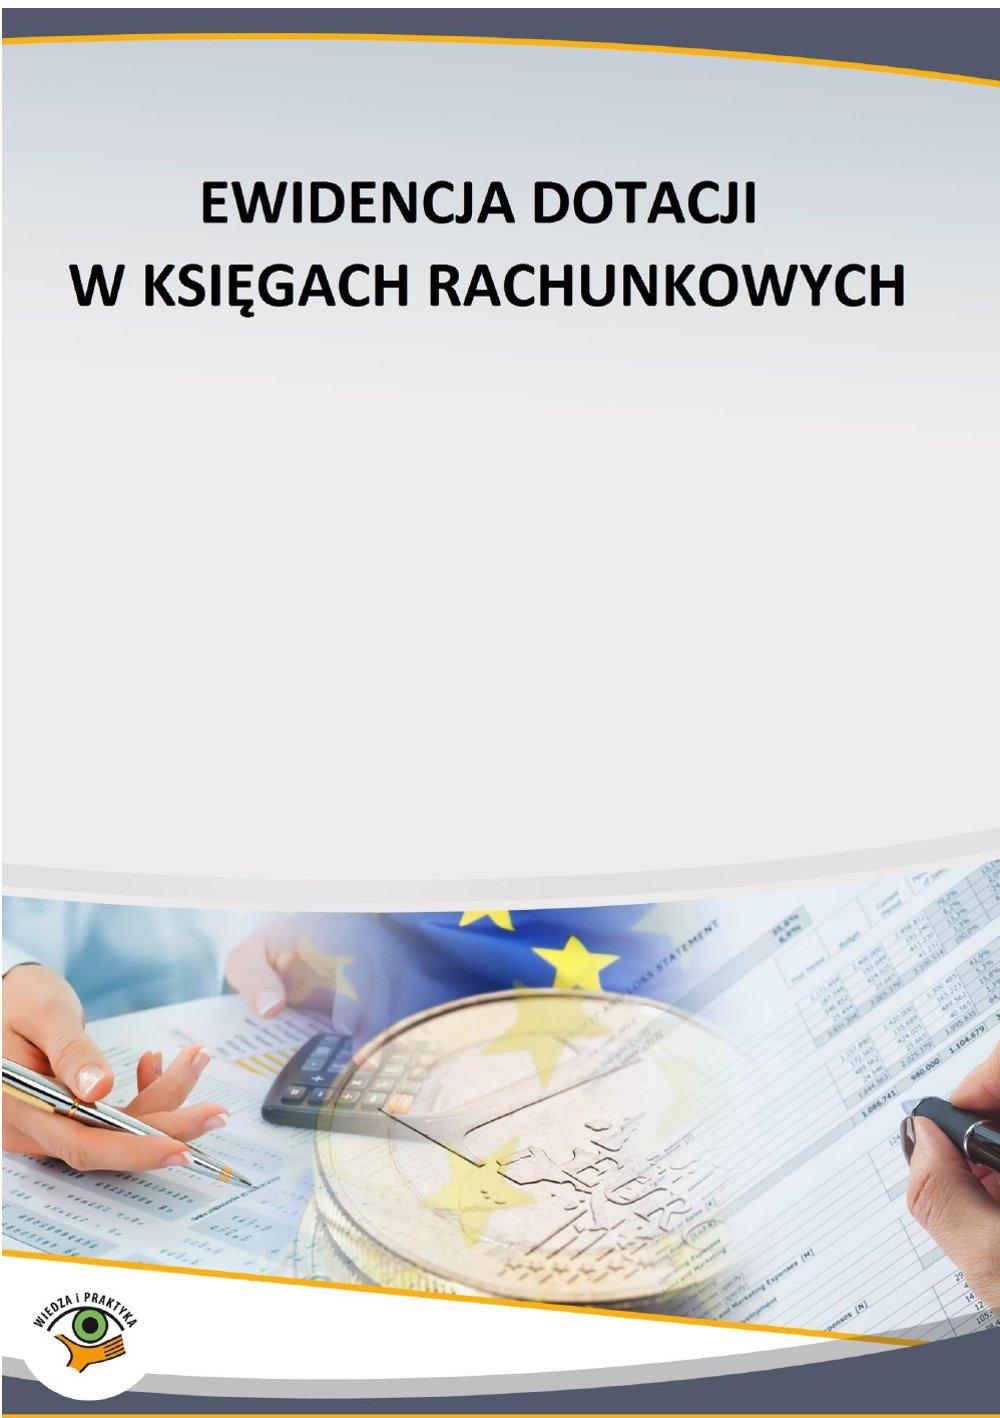 Ewidencja dotacji w księgach rachunkowych - Ebook (Książka PDF) do pobrania w formacie PDF